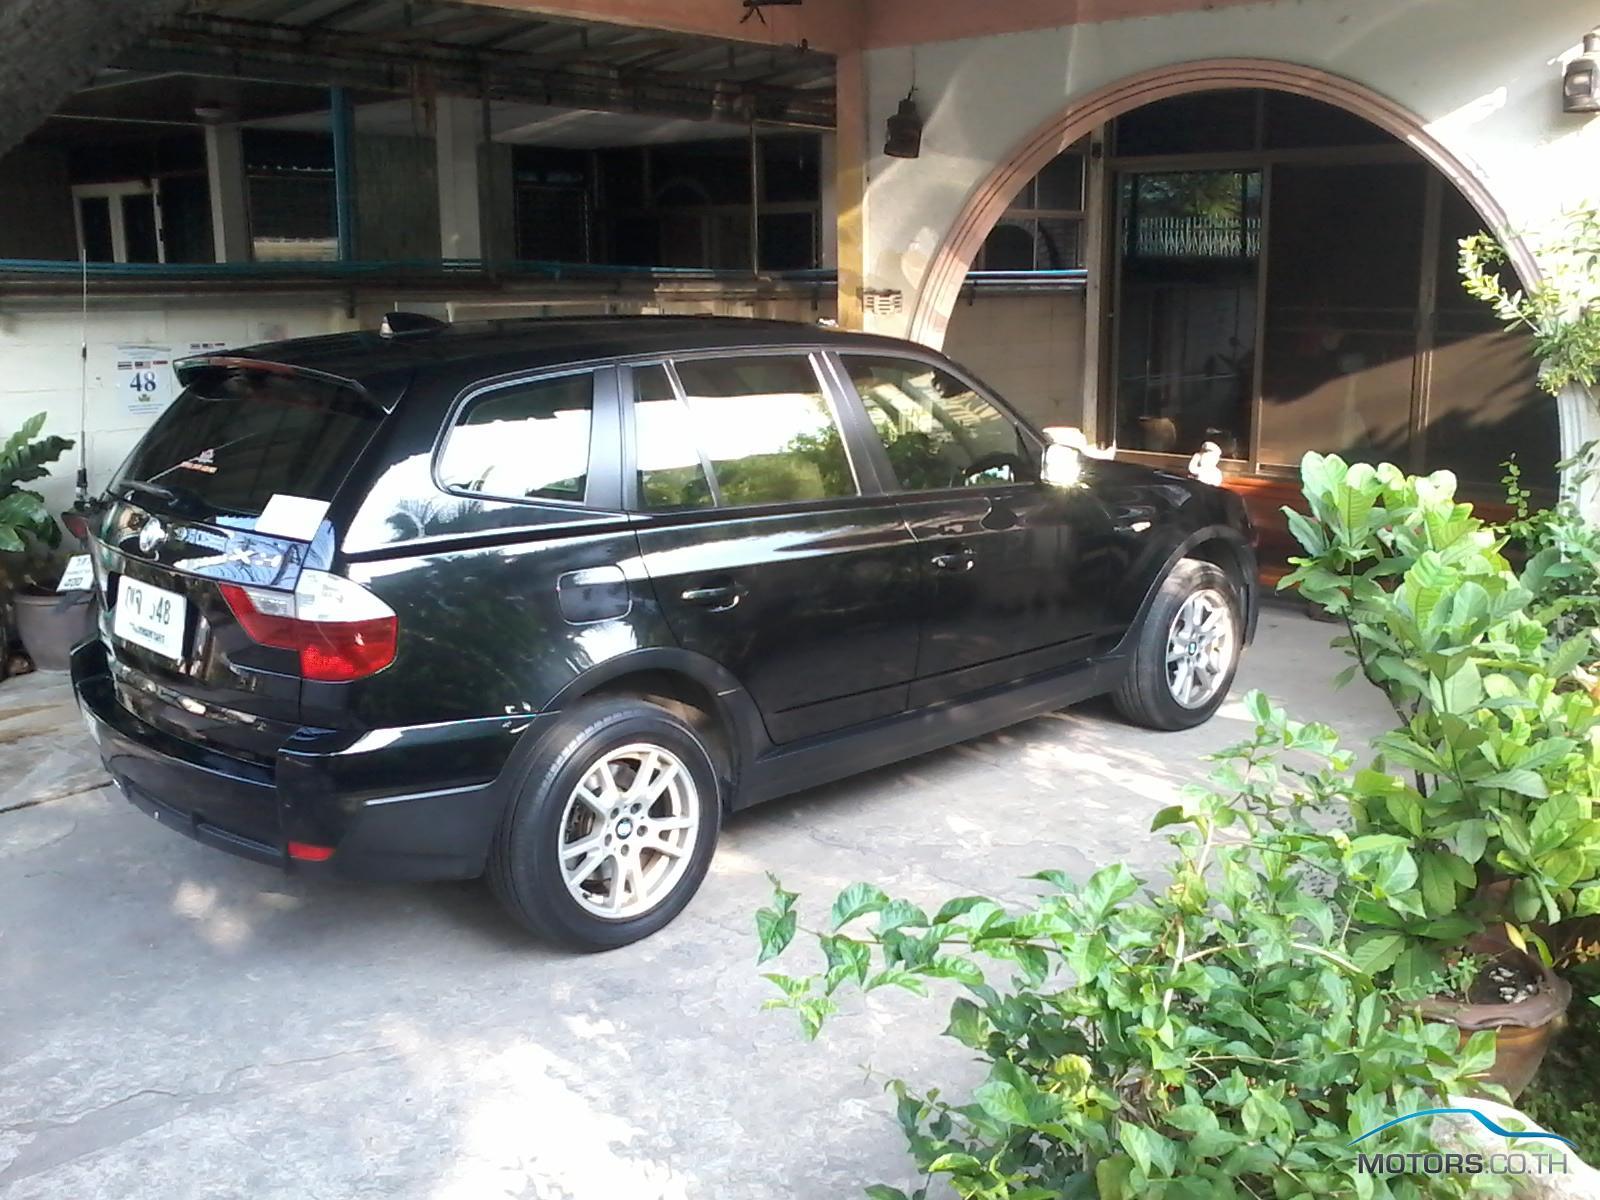 รถมือสอง, รถยนต์มือสอง BMW X3 (2008)